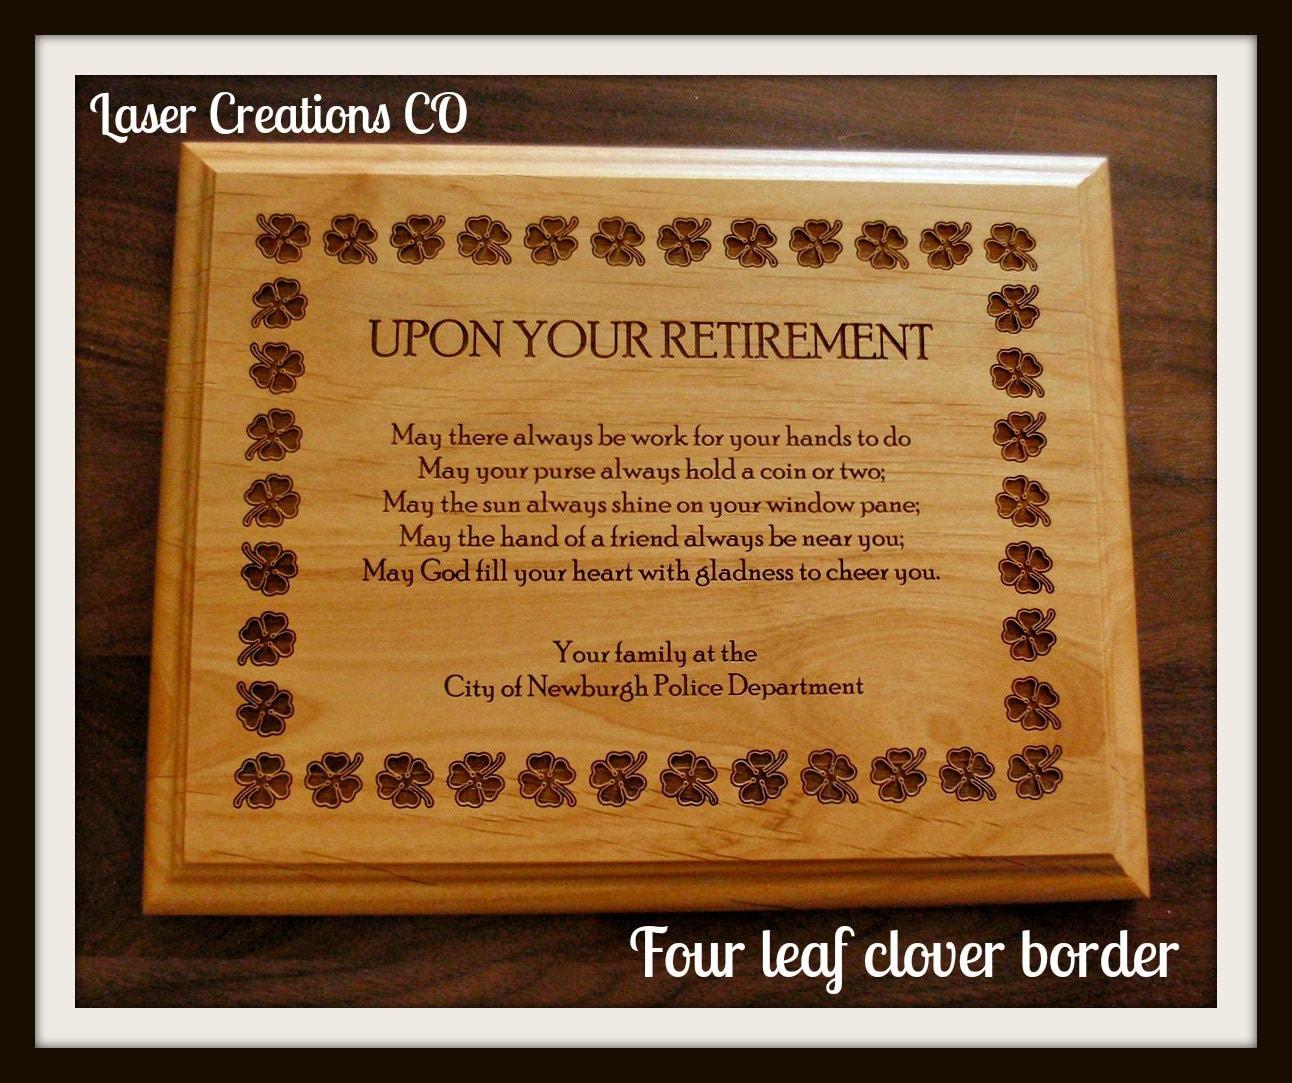 retirement plaque 8 x 10 4leaf clover border irish poem